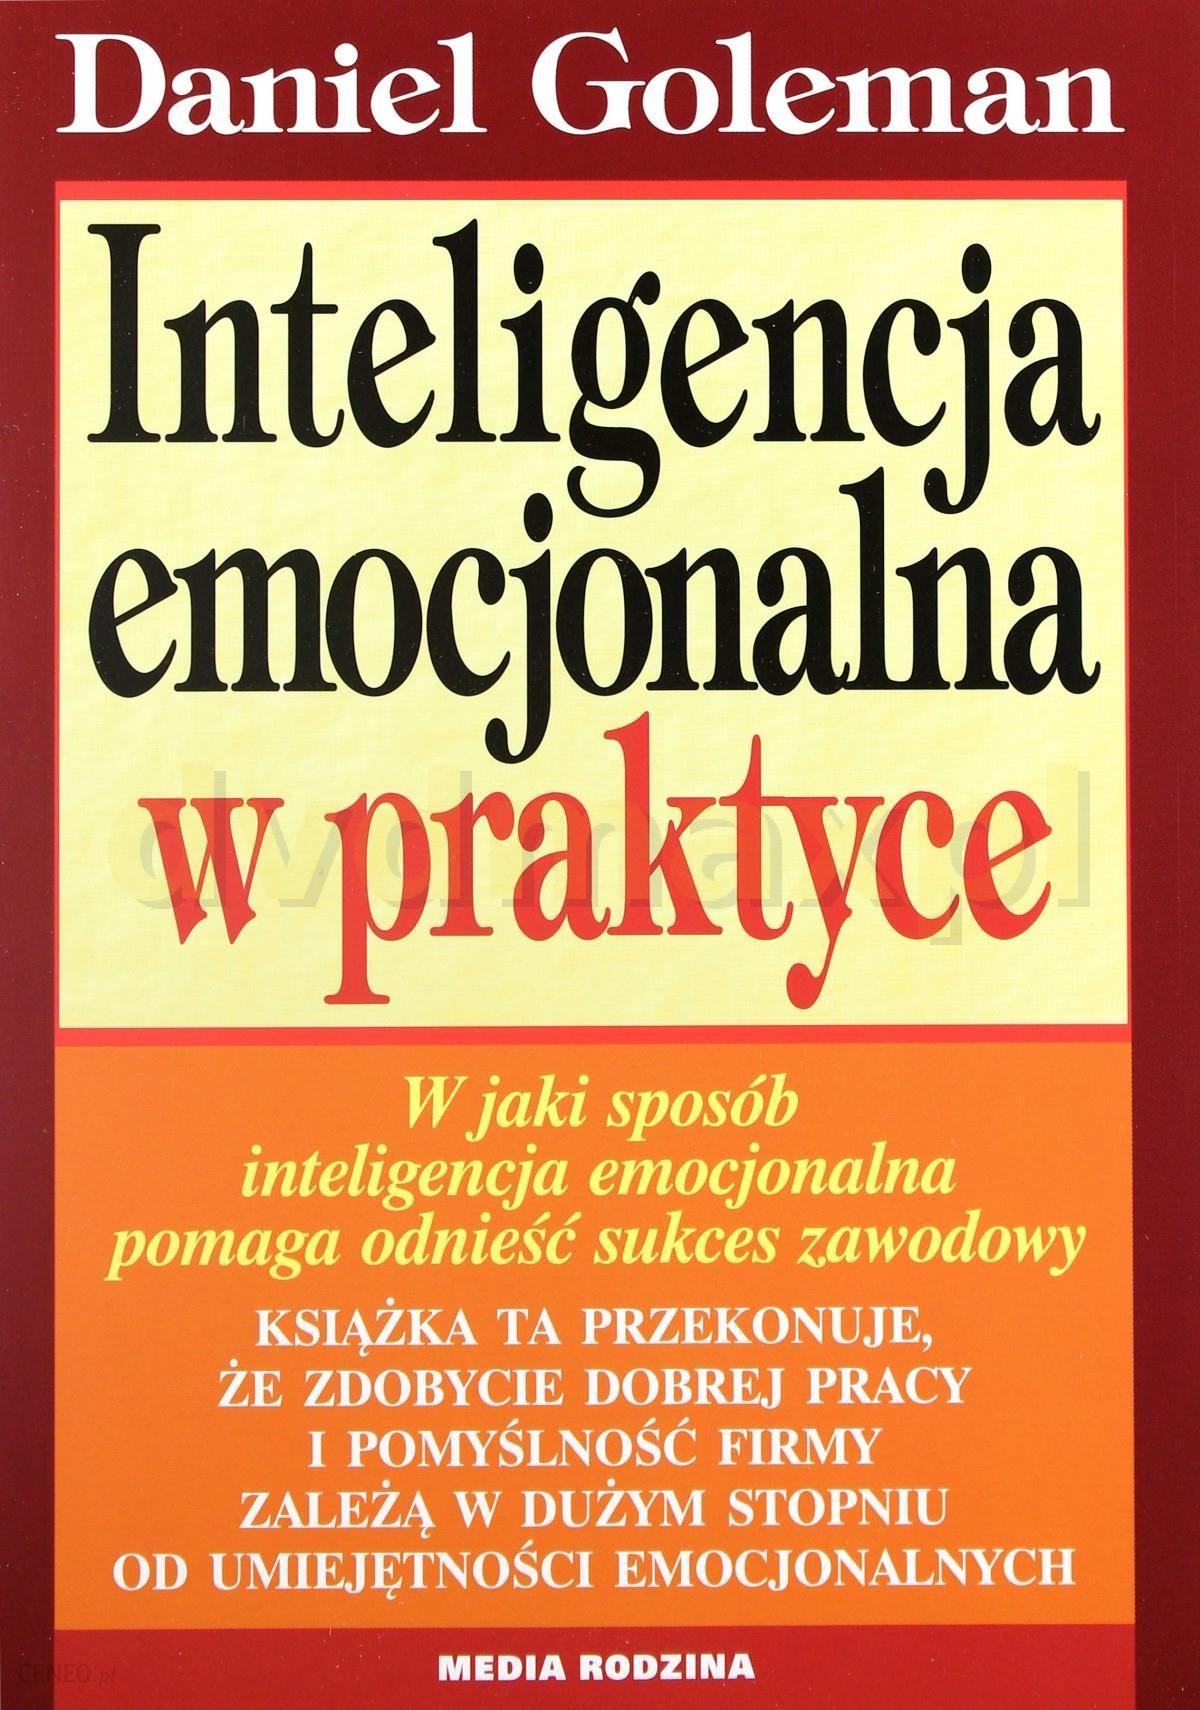 Inteligencja emocjonalna w praktyce - PDF Free Download